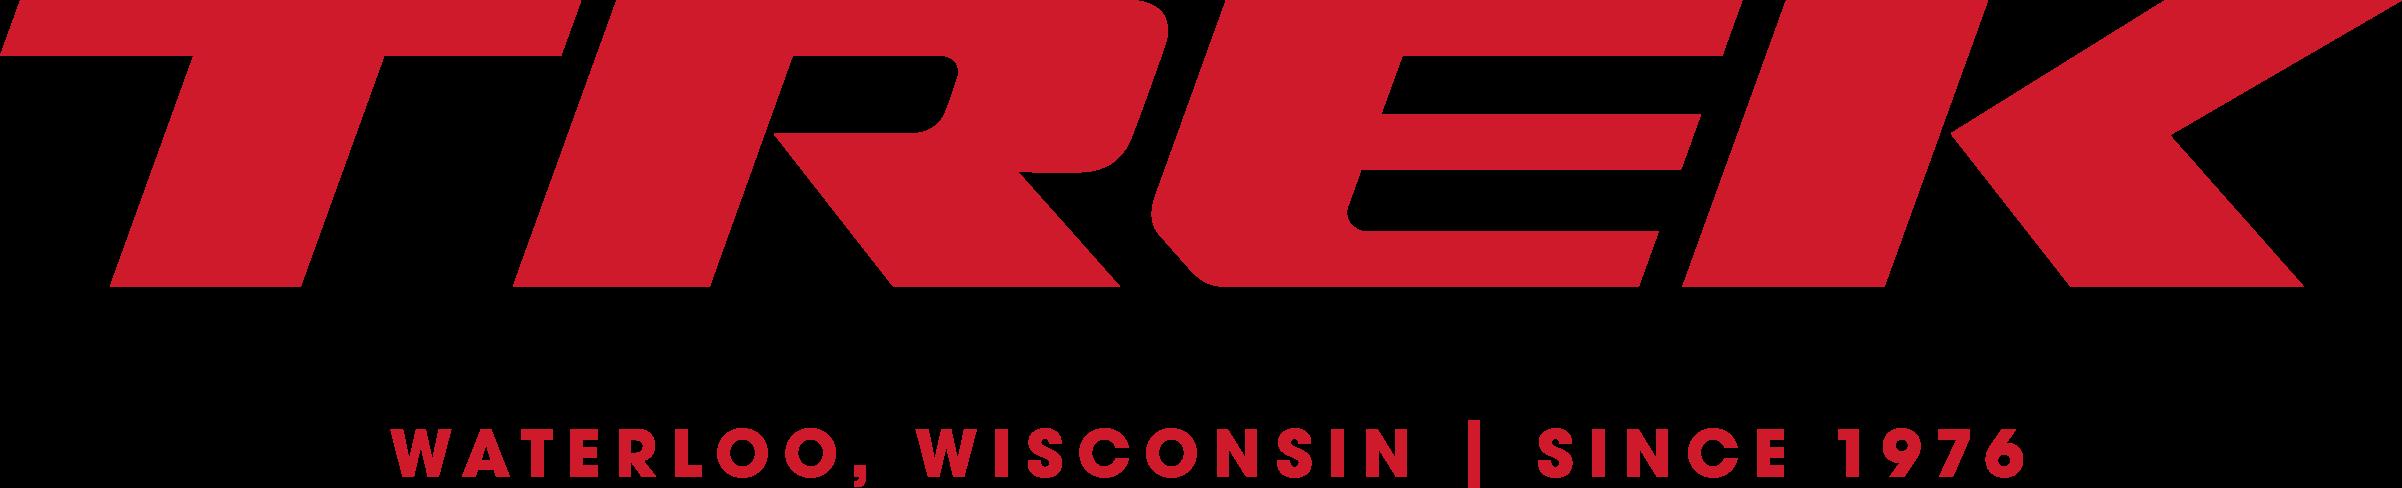 2018_Trek_logo_origin_red.png